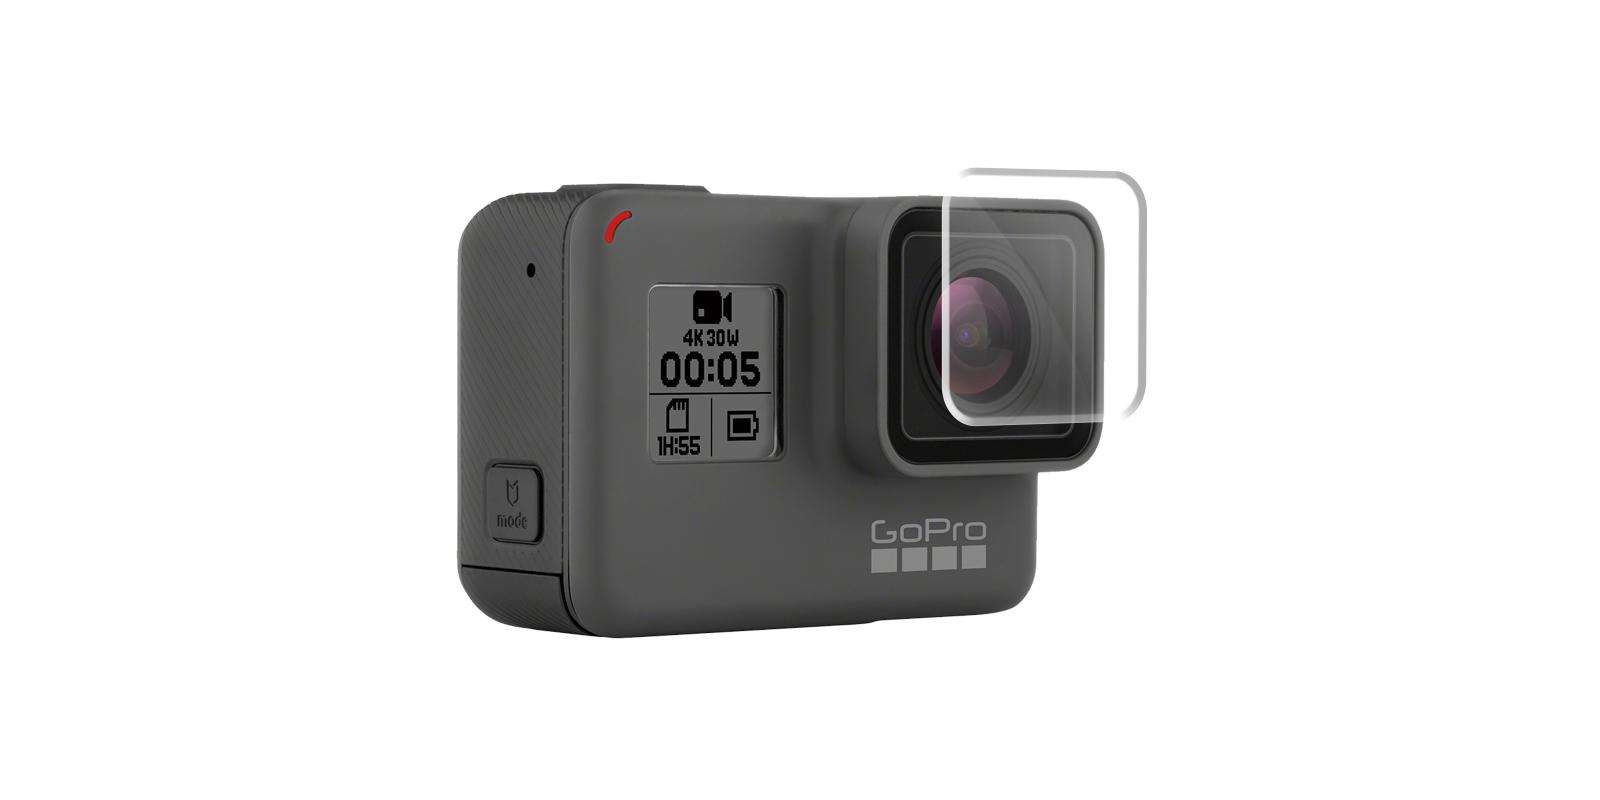 Набор защитных стекол для камеры GoPro HERO защита линзы